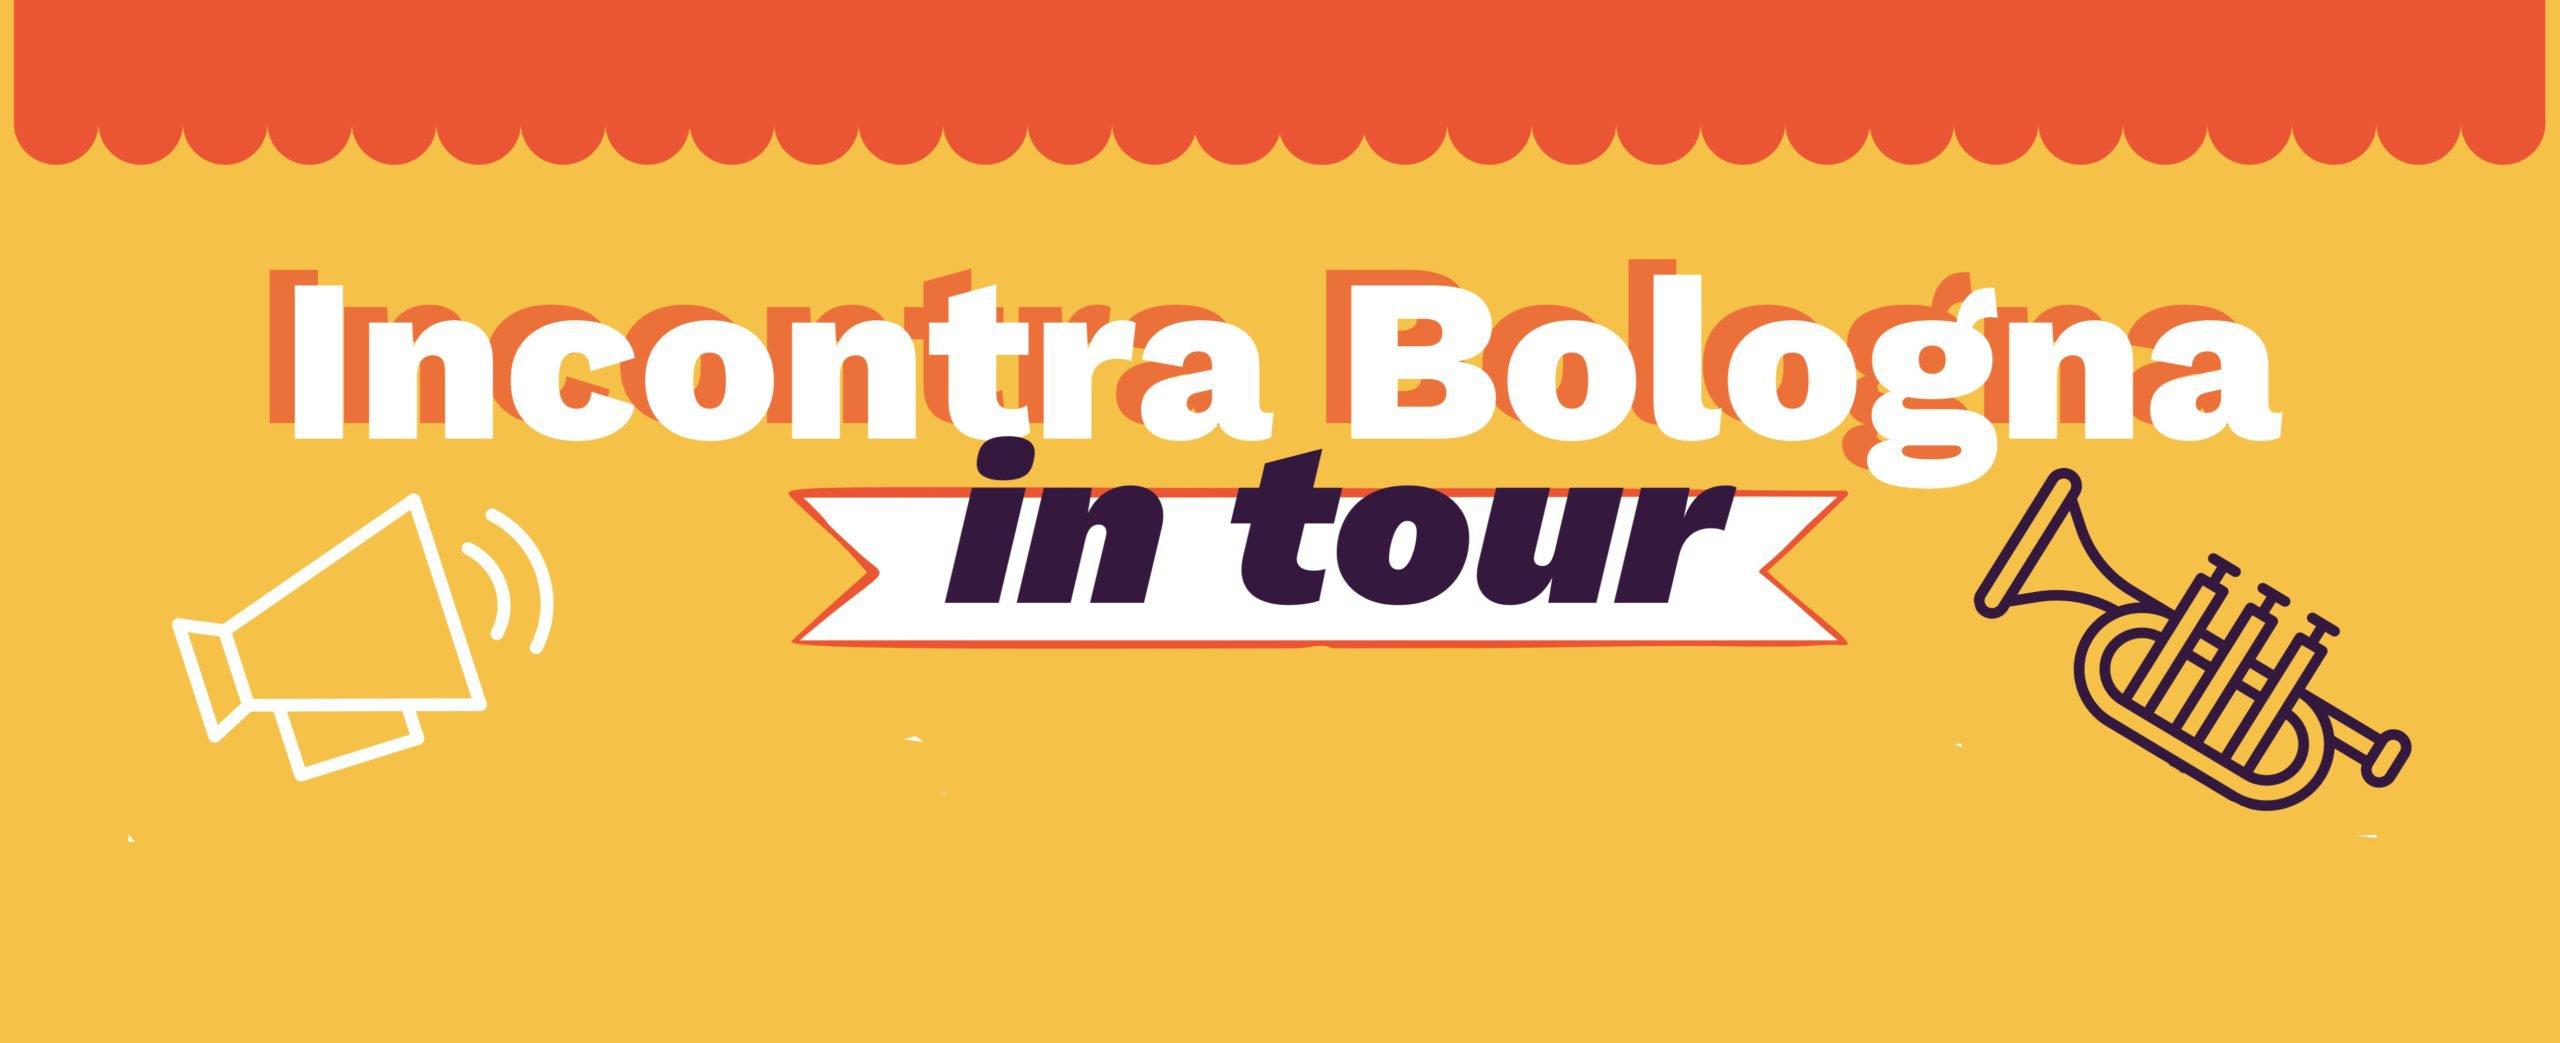 Eventi incontra bologna in tour